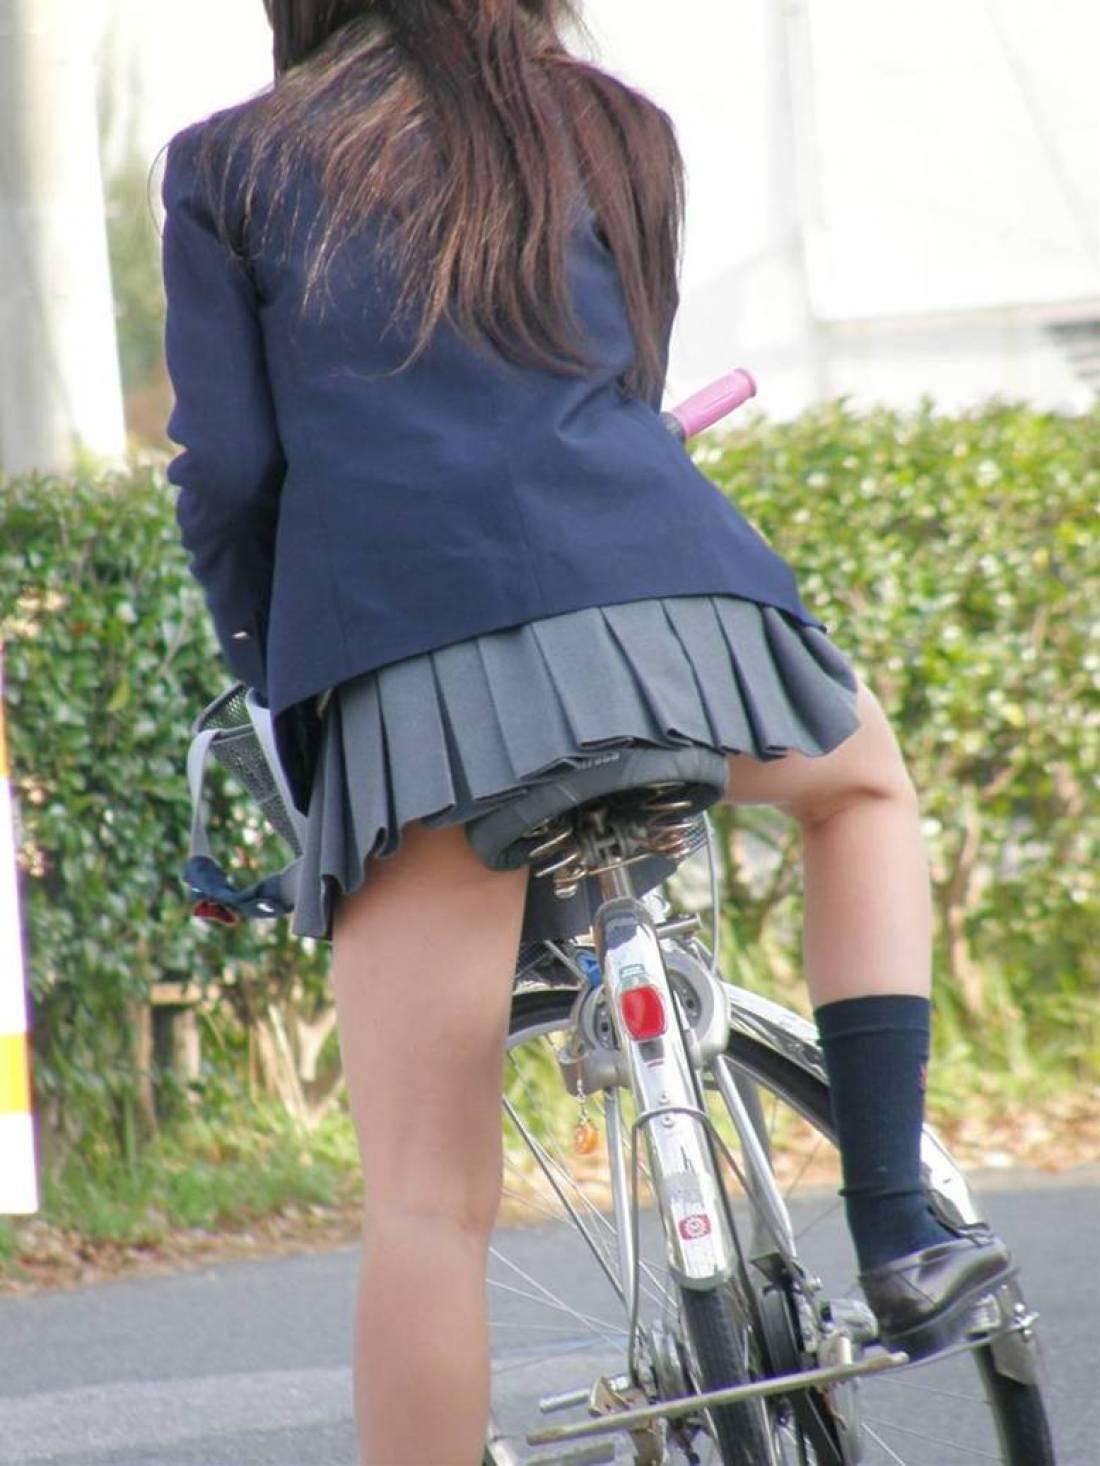 【自転車のエロ画像】サドルになりたくはないけど敷かれたい気持ちは理解したwww自転車に乗ったエロ尻  14